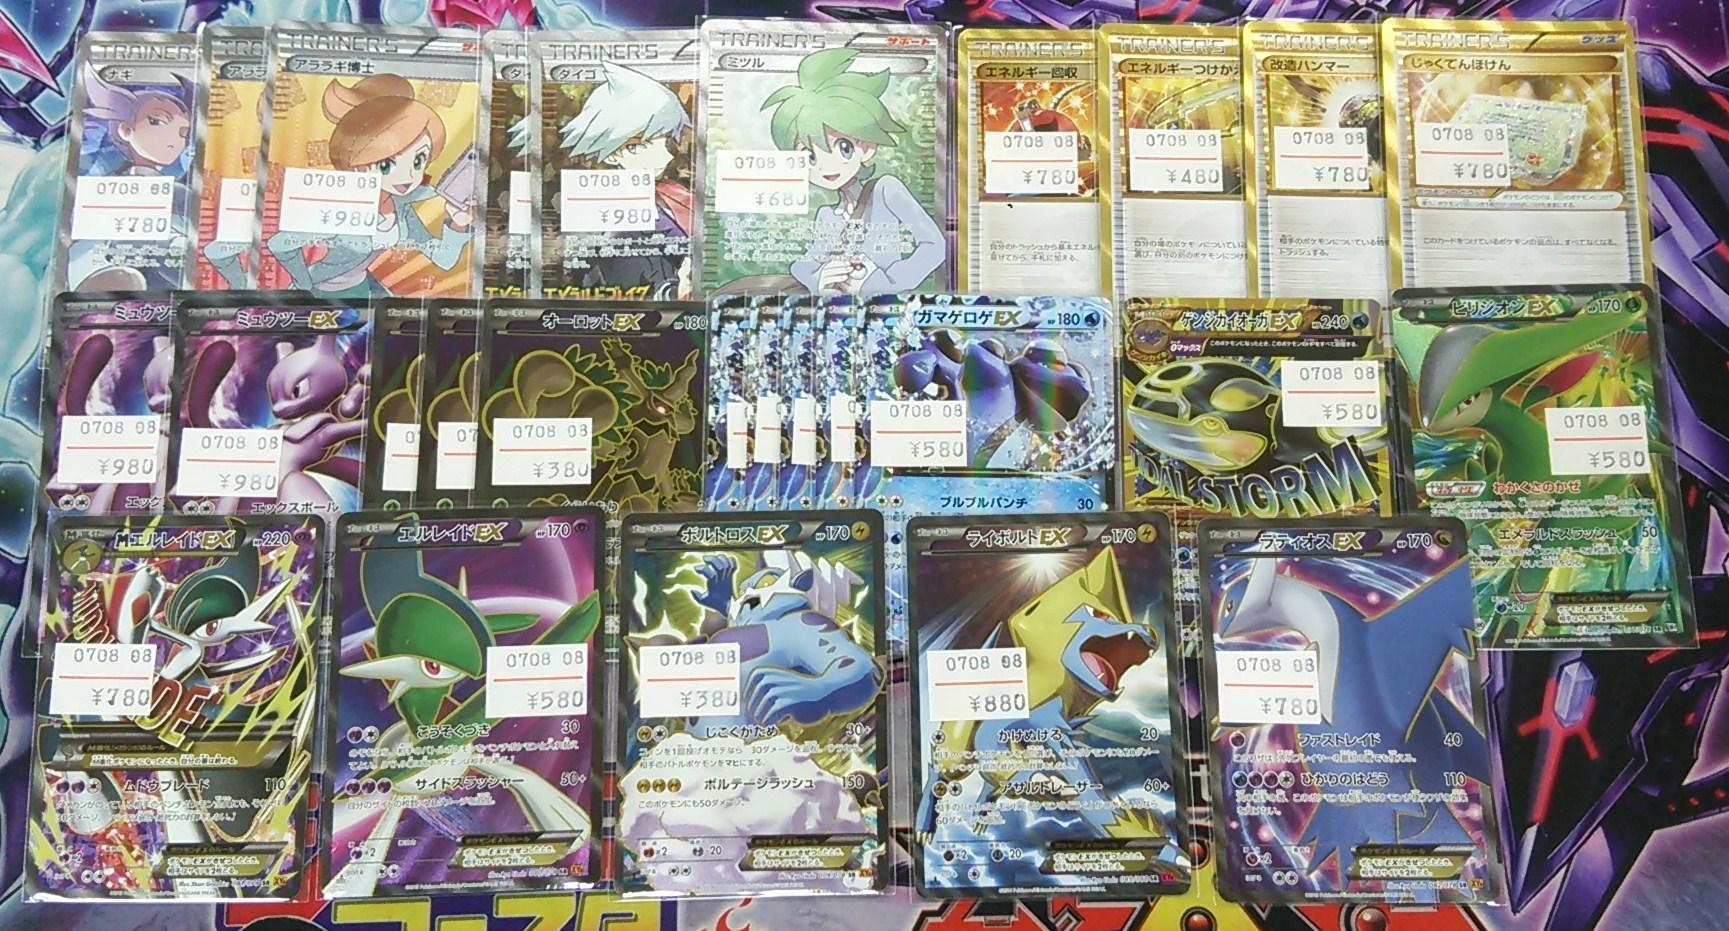 ポケモンカードゲームに特価コーナーができました! - カードショップ